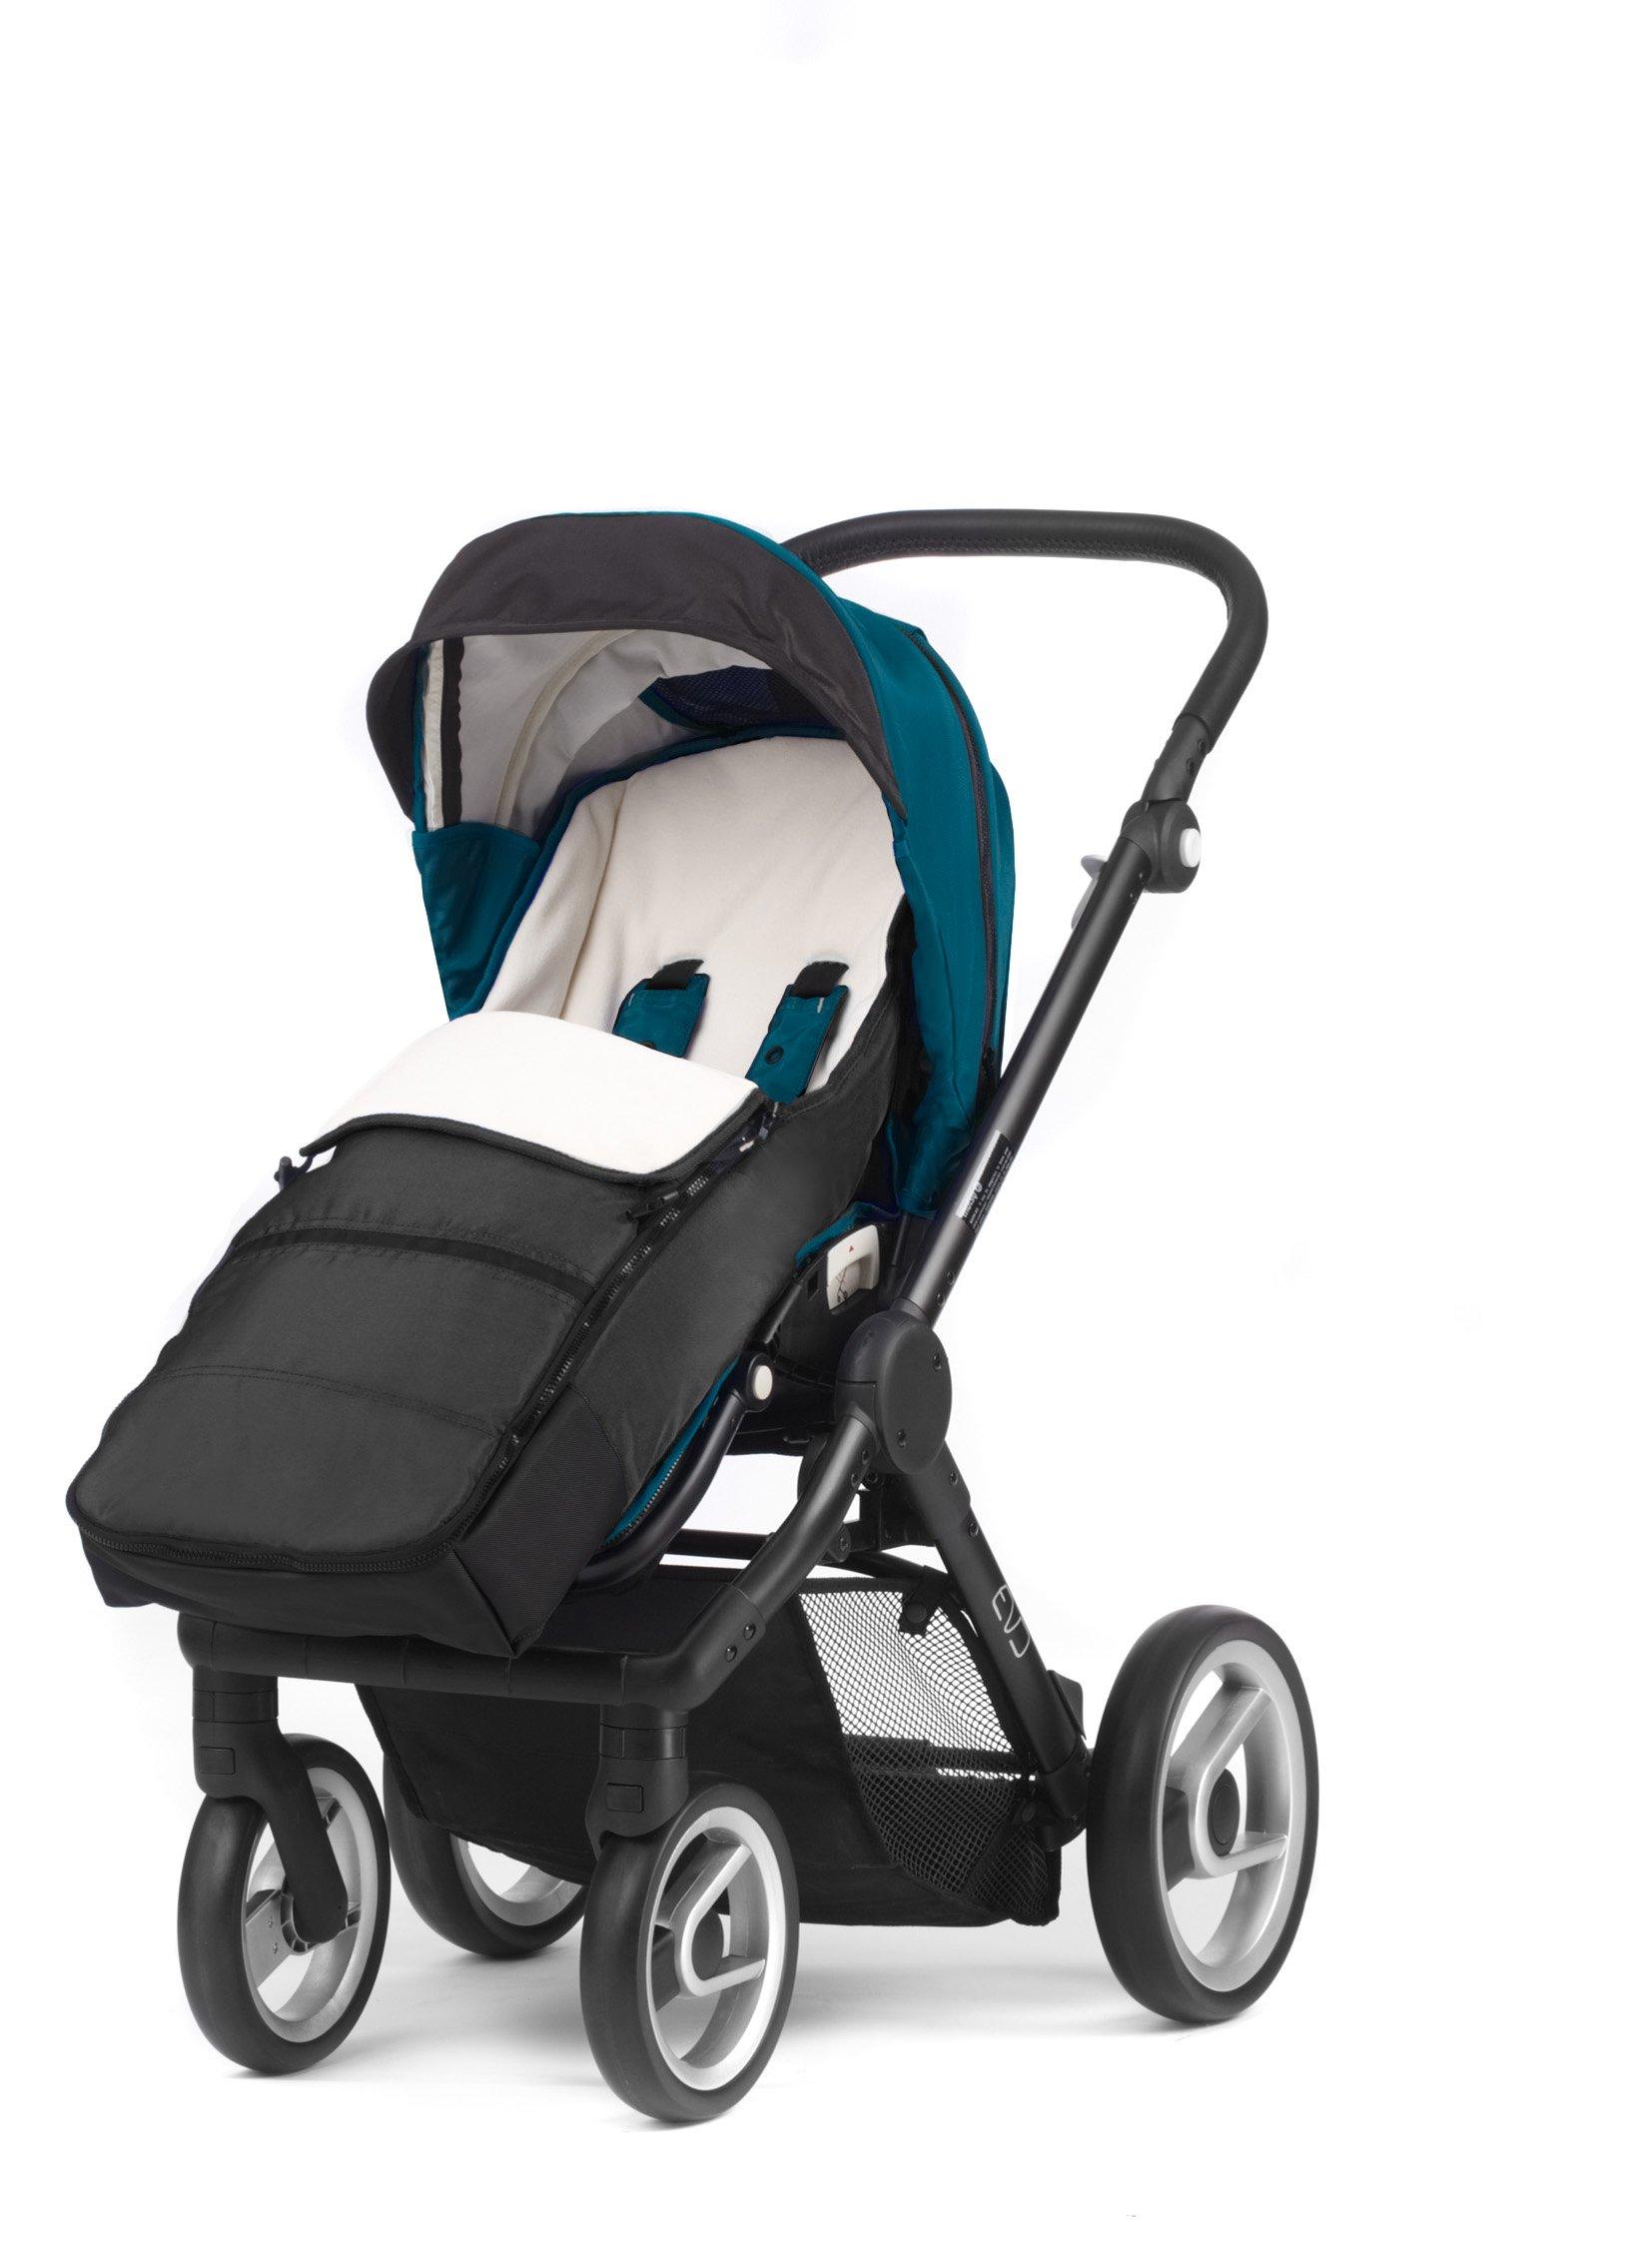 Mutsy Evo Stroller Footmuff, Black